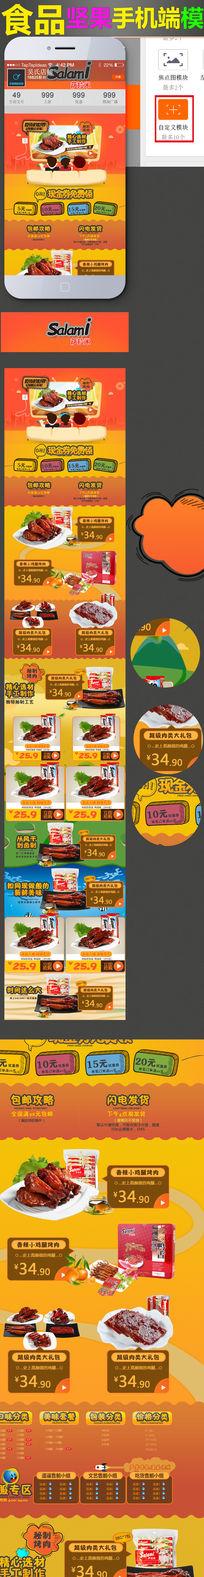 手机客户端食品中秋卡通装修首页 PSD